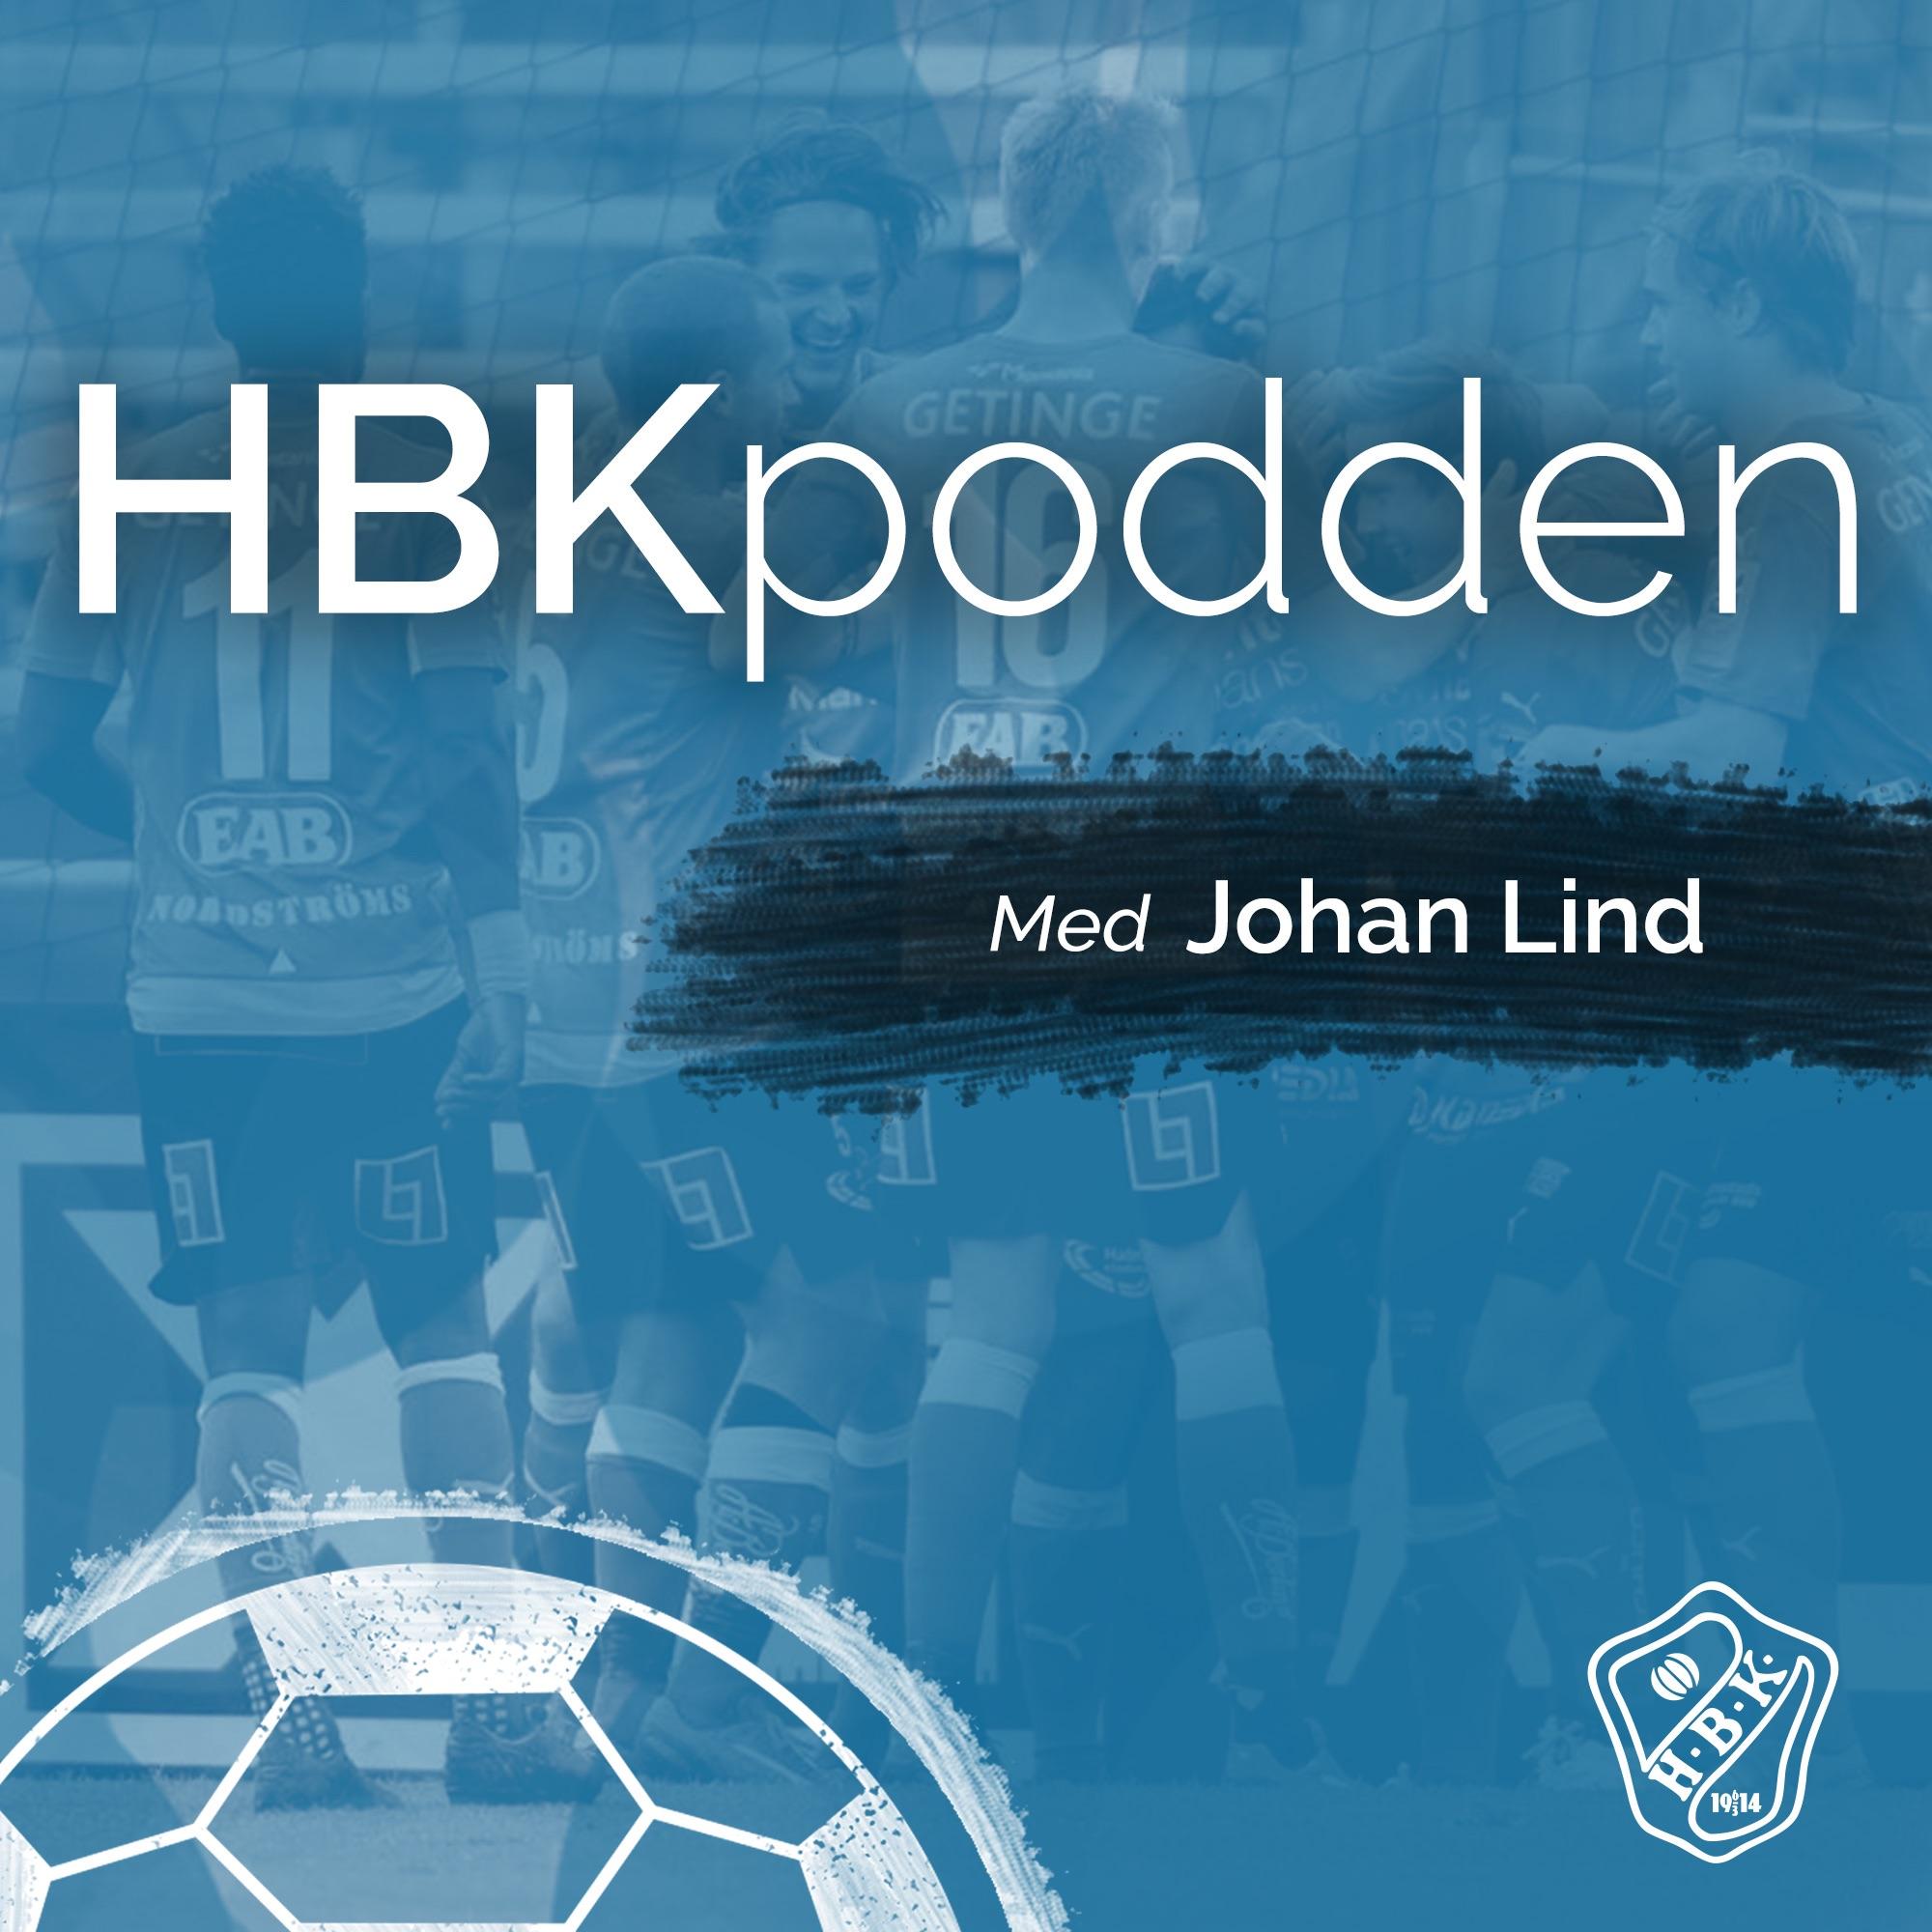 HBKpodden